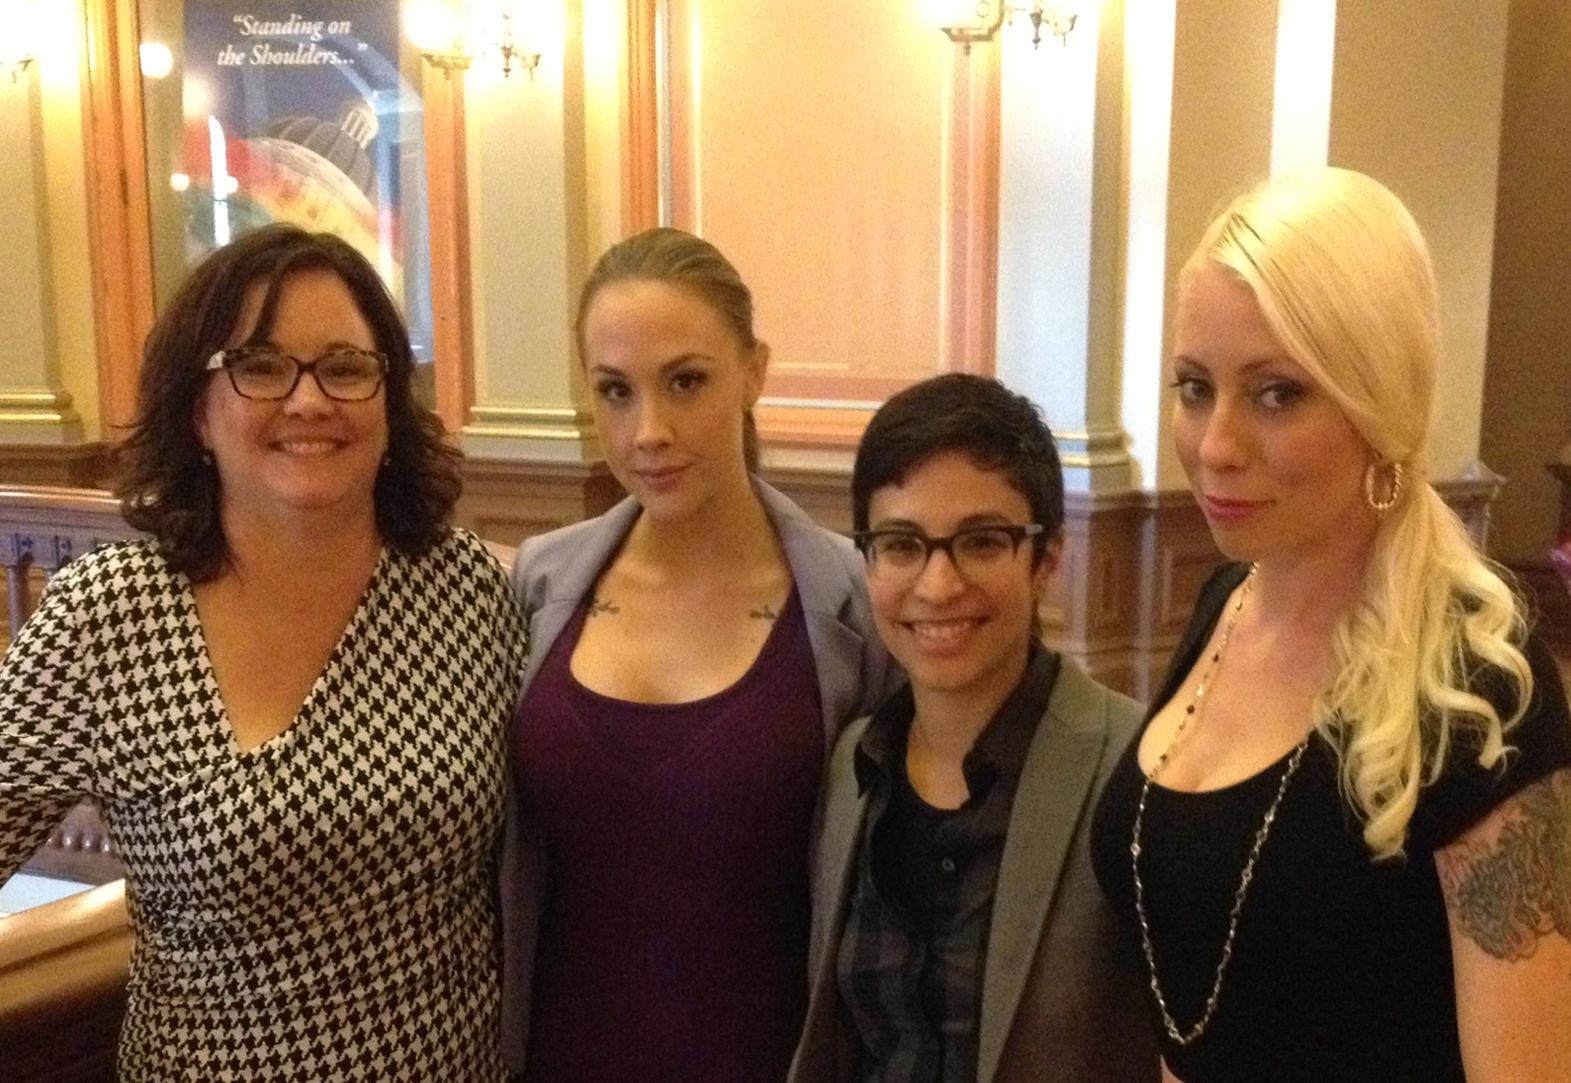 Adult Performers Lobby State Senators To #stopAB1576